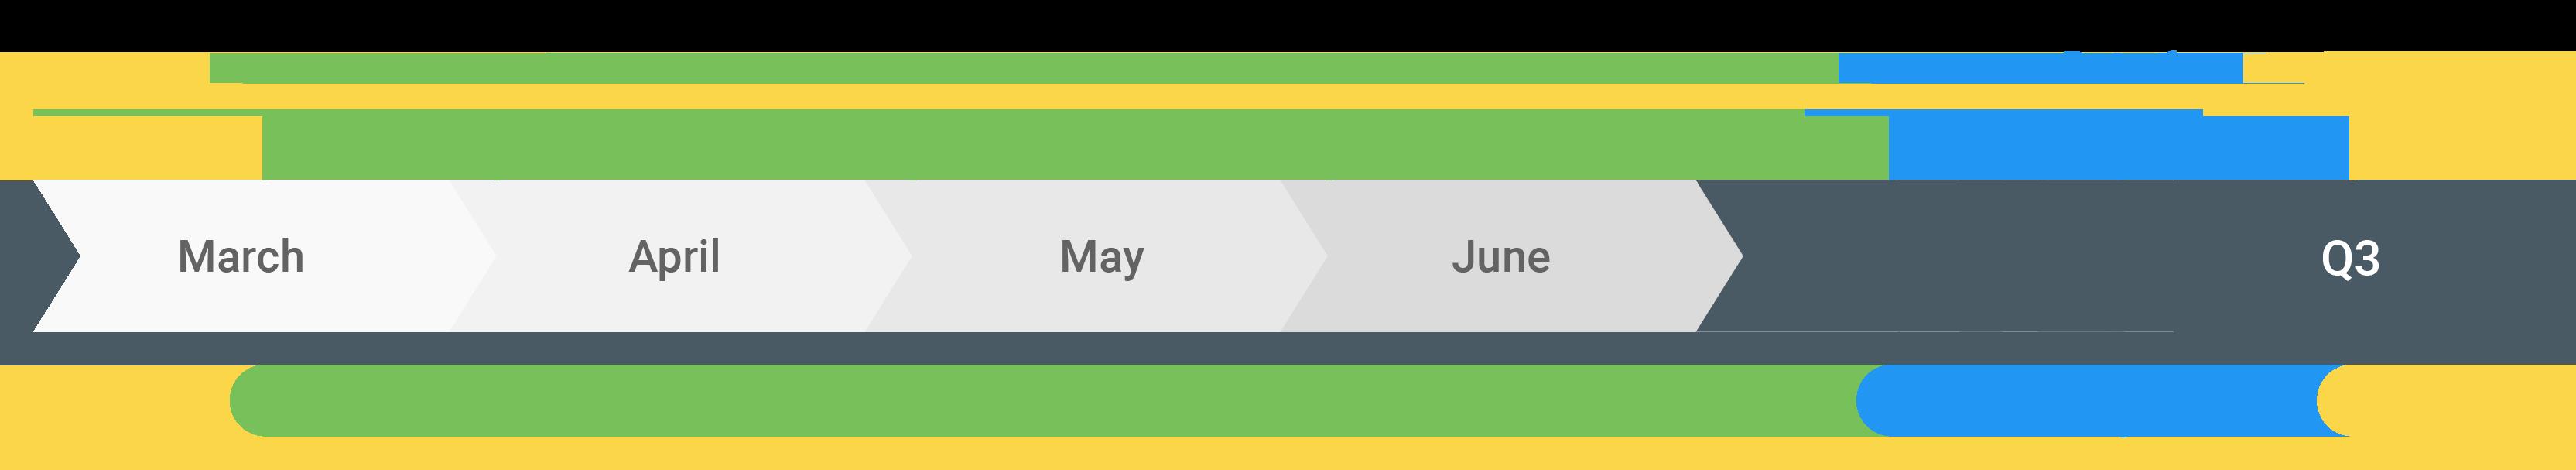 Android Q 10ベータ版はいつから配信される?